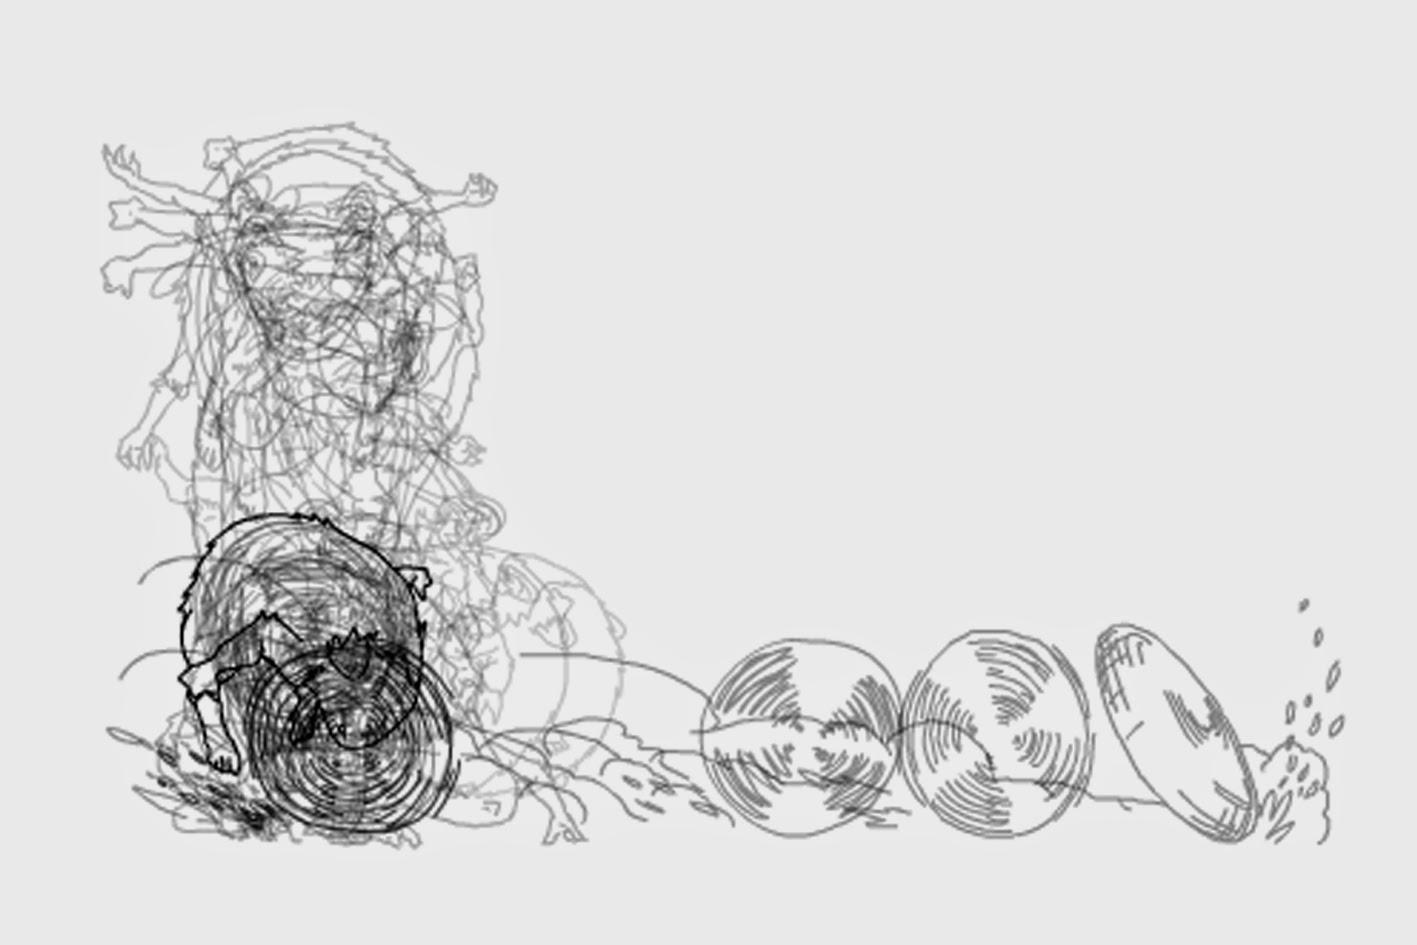 Eidriart - Dibujo e Ilustración: ANIMACIÓN TRADICIONAL